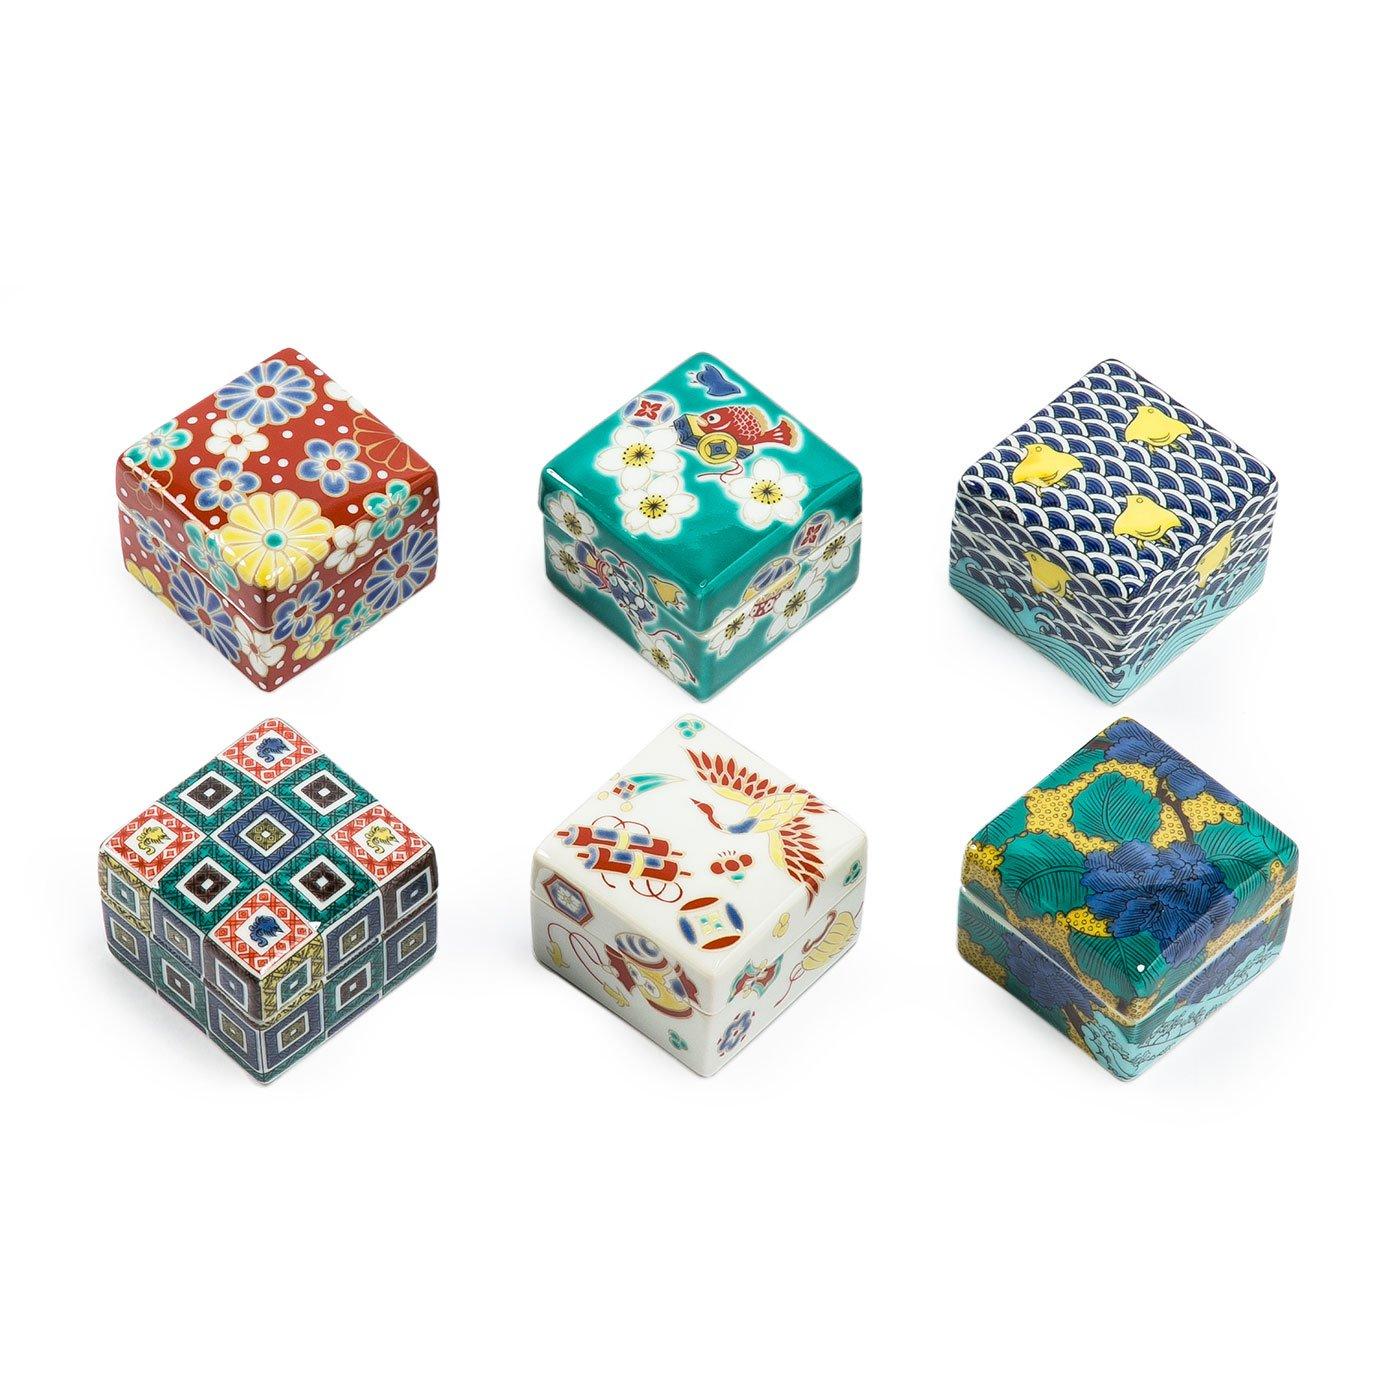 青郊窯の九谷焼 食卓の小さな宝箱